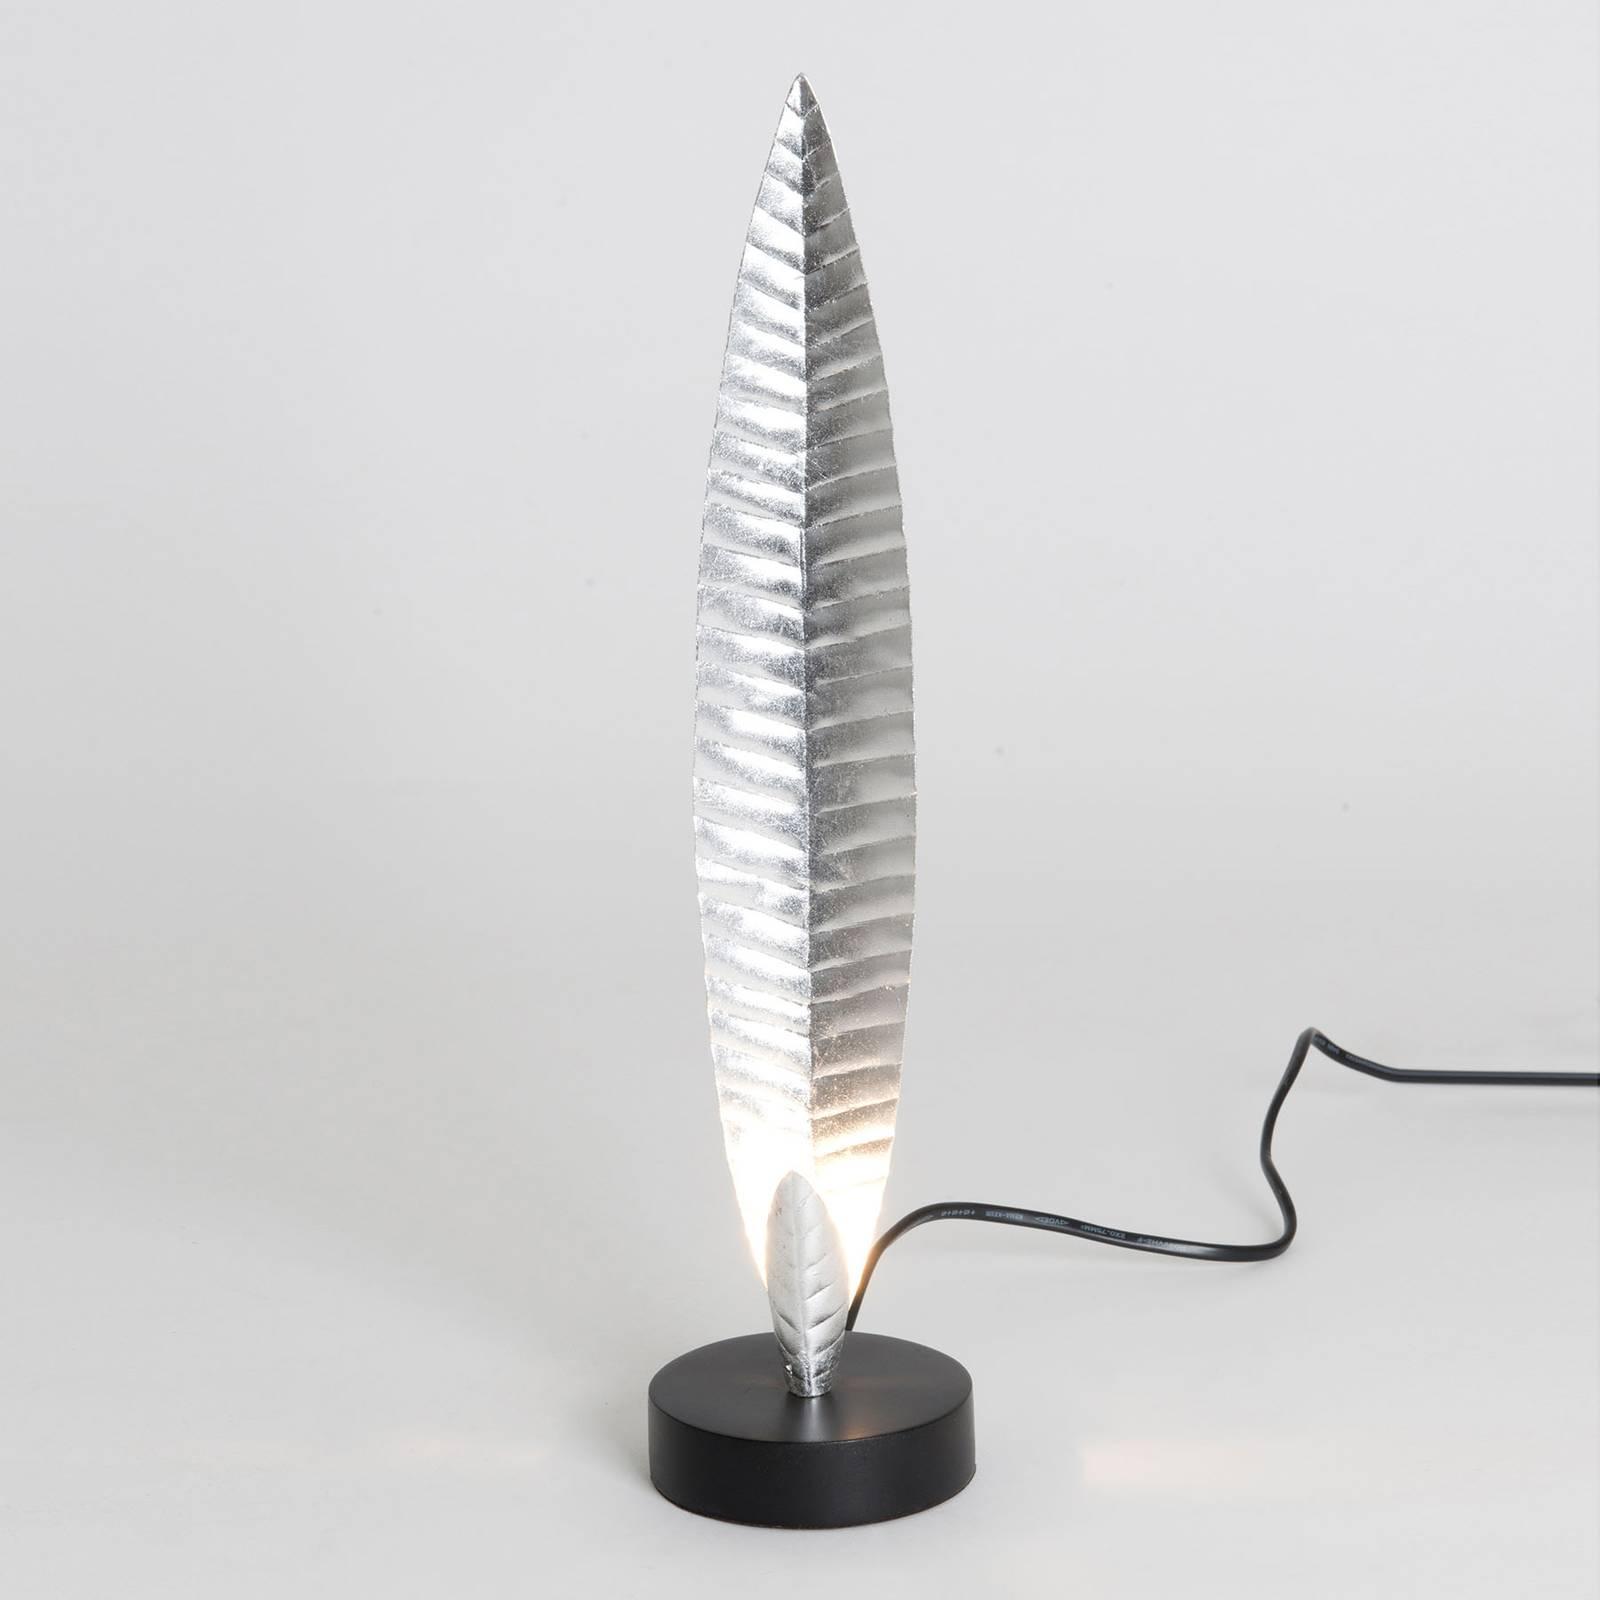 Pöytävalaisin Penna, hopea, korkeus 38 cm